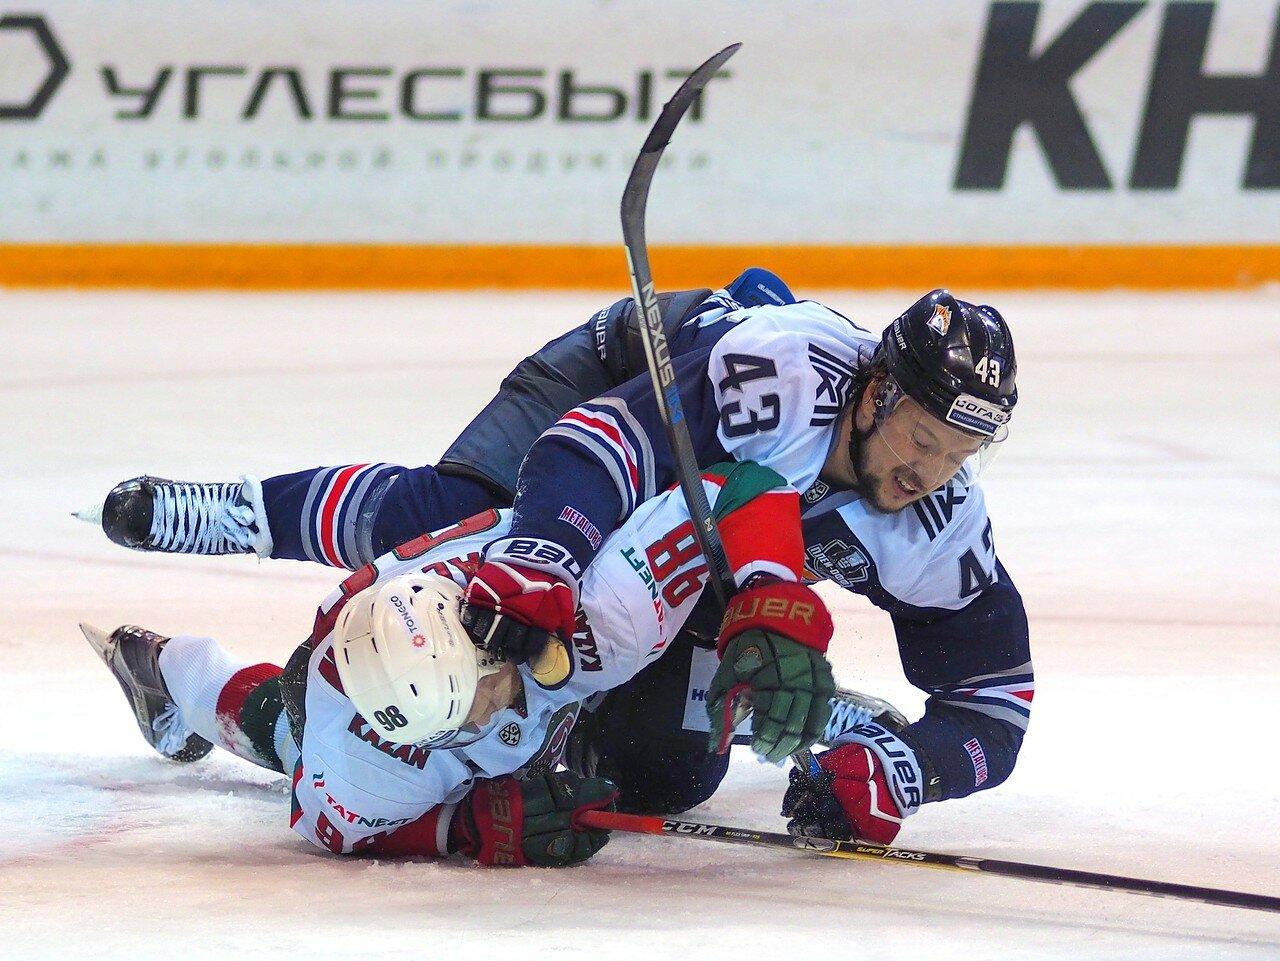 107 Первая игра финала плей-офф восточной конференции 2017 Металлург - АкБарс 24.03.2017